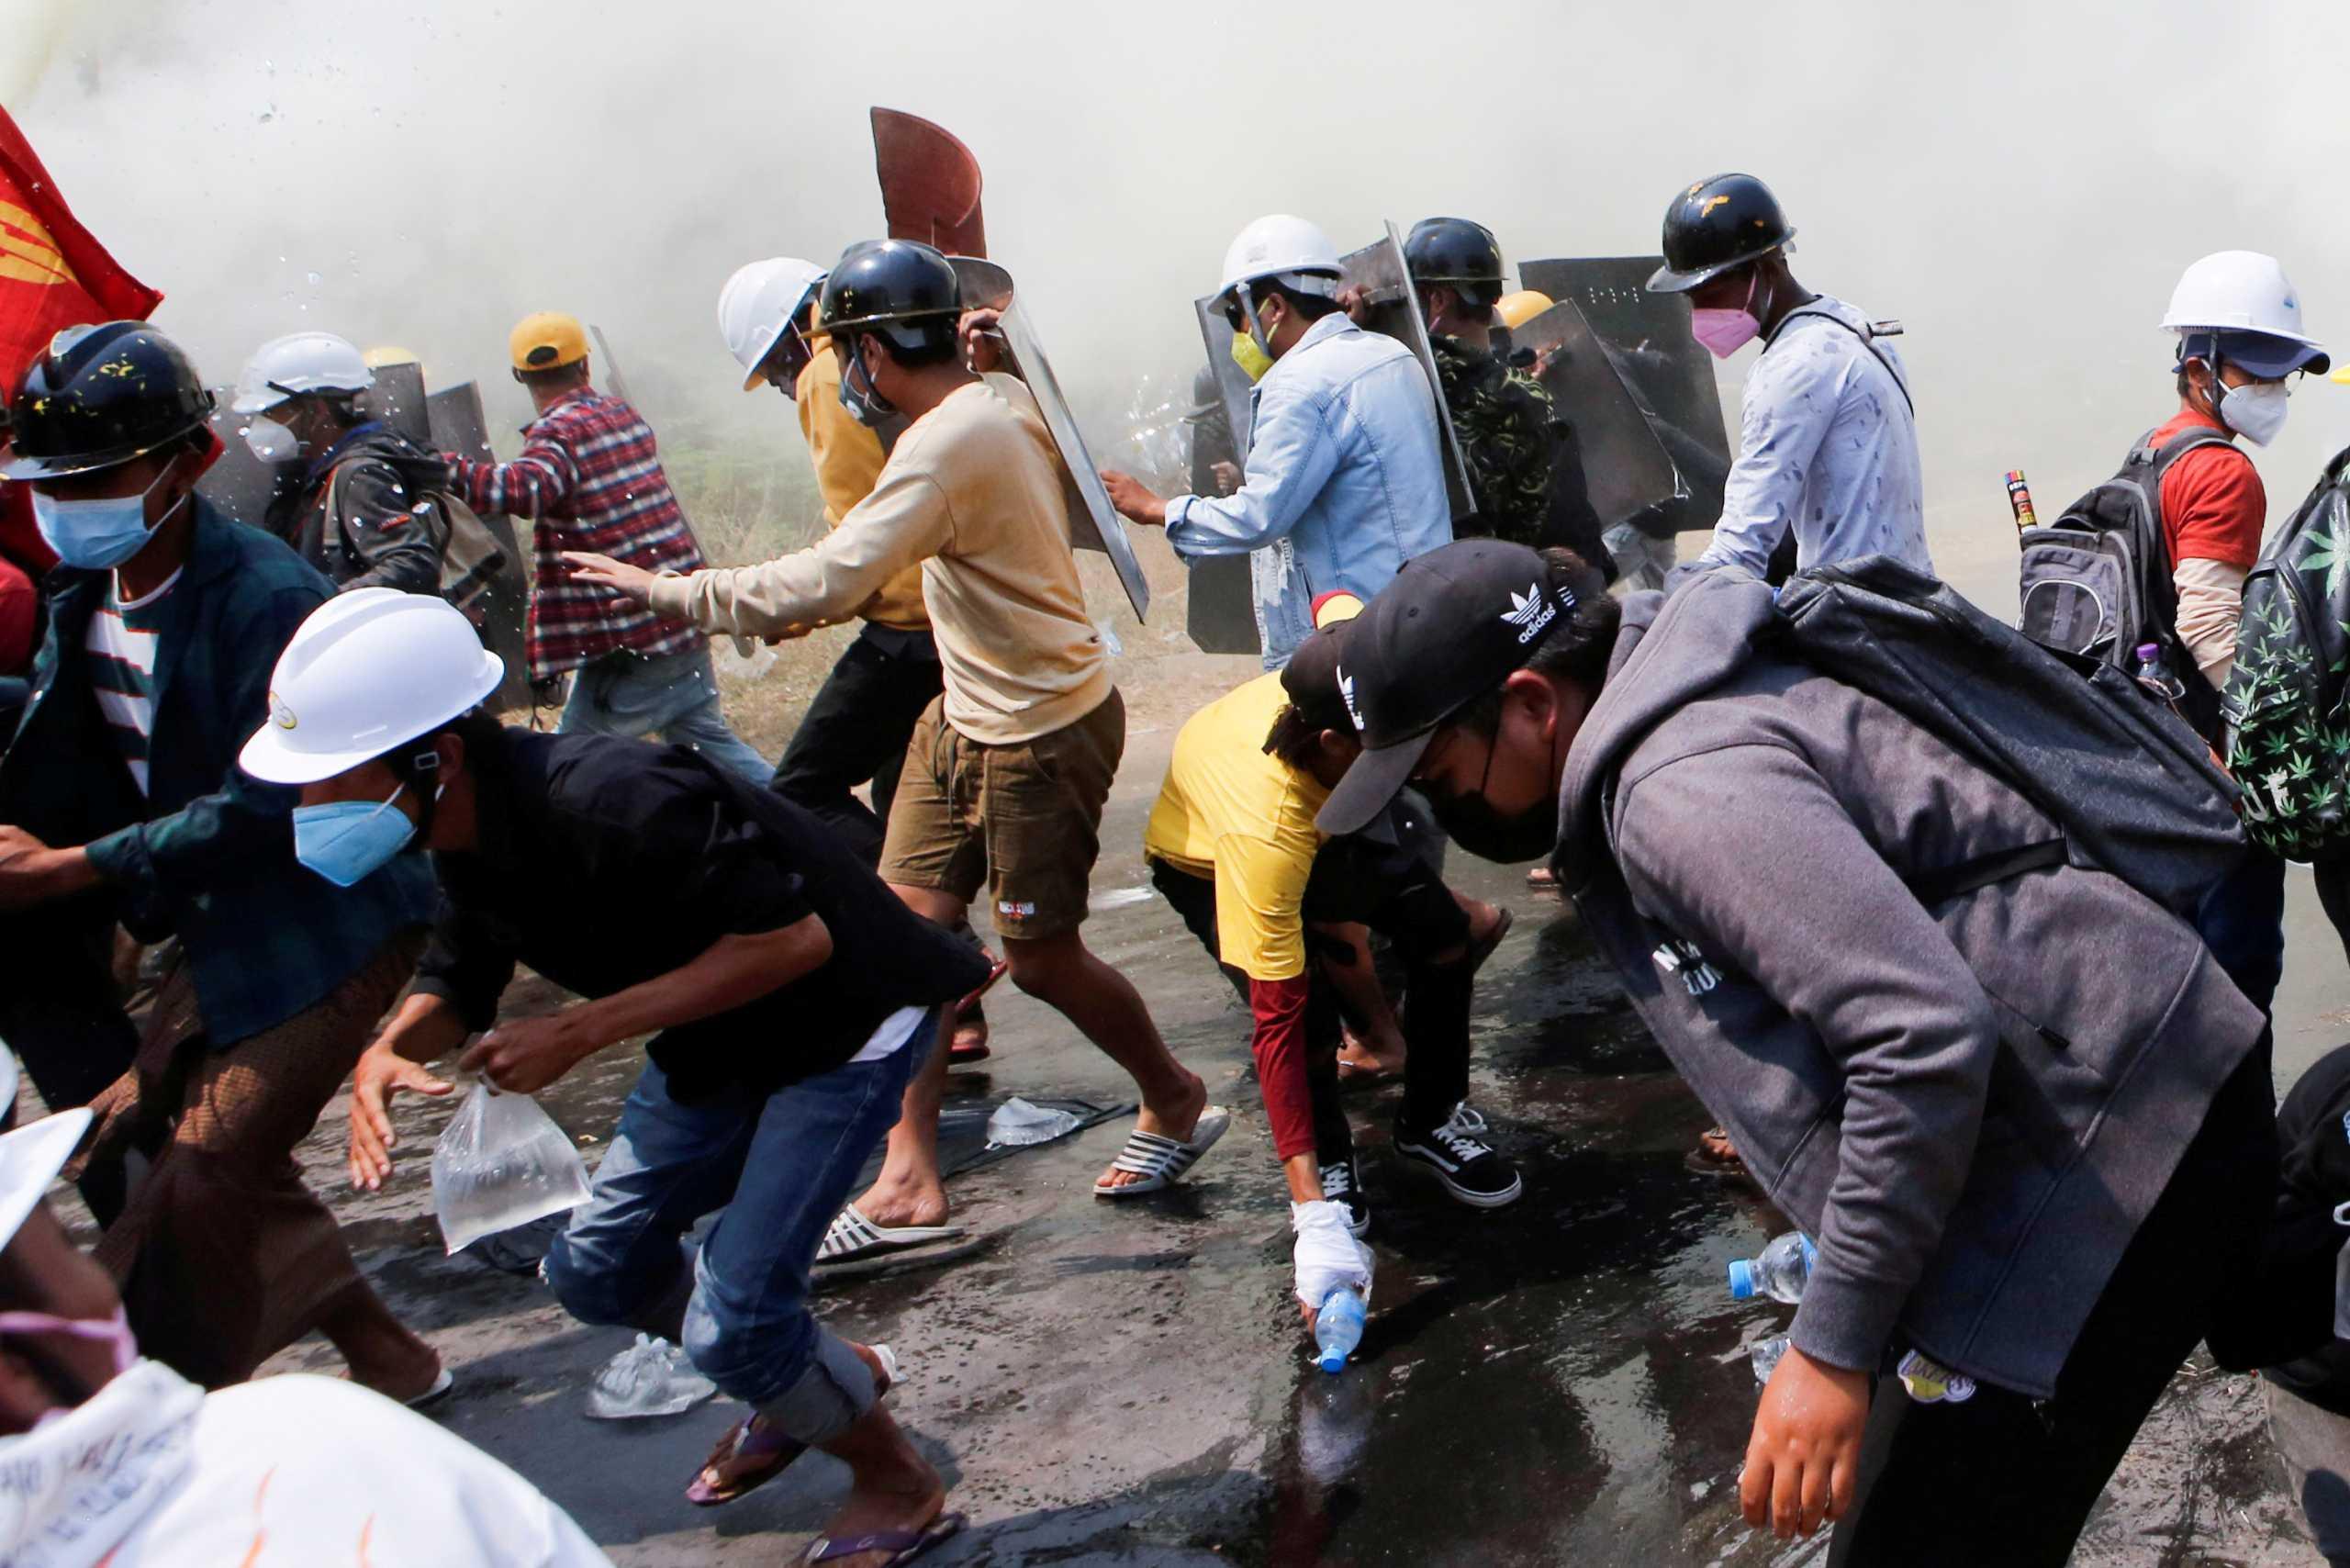 Πραξικόπημα Μιανμάρ: Εκτελέσεις διαδηλωτών καταγγέλλει η Διεθνής Αμνηστία – 55 βίντεο αποδεικνύουν «θανατηφόρα βία»